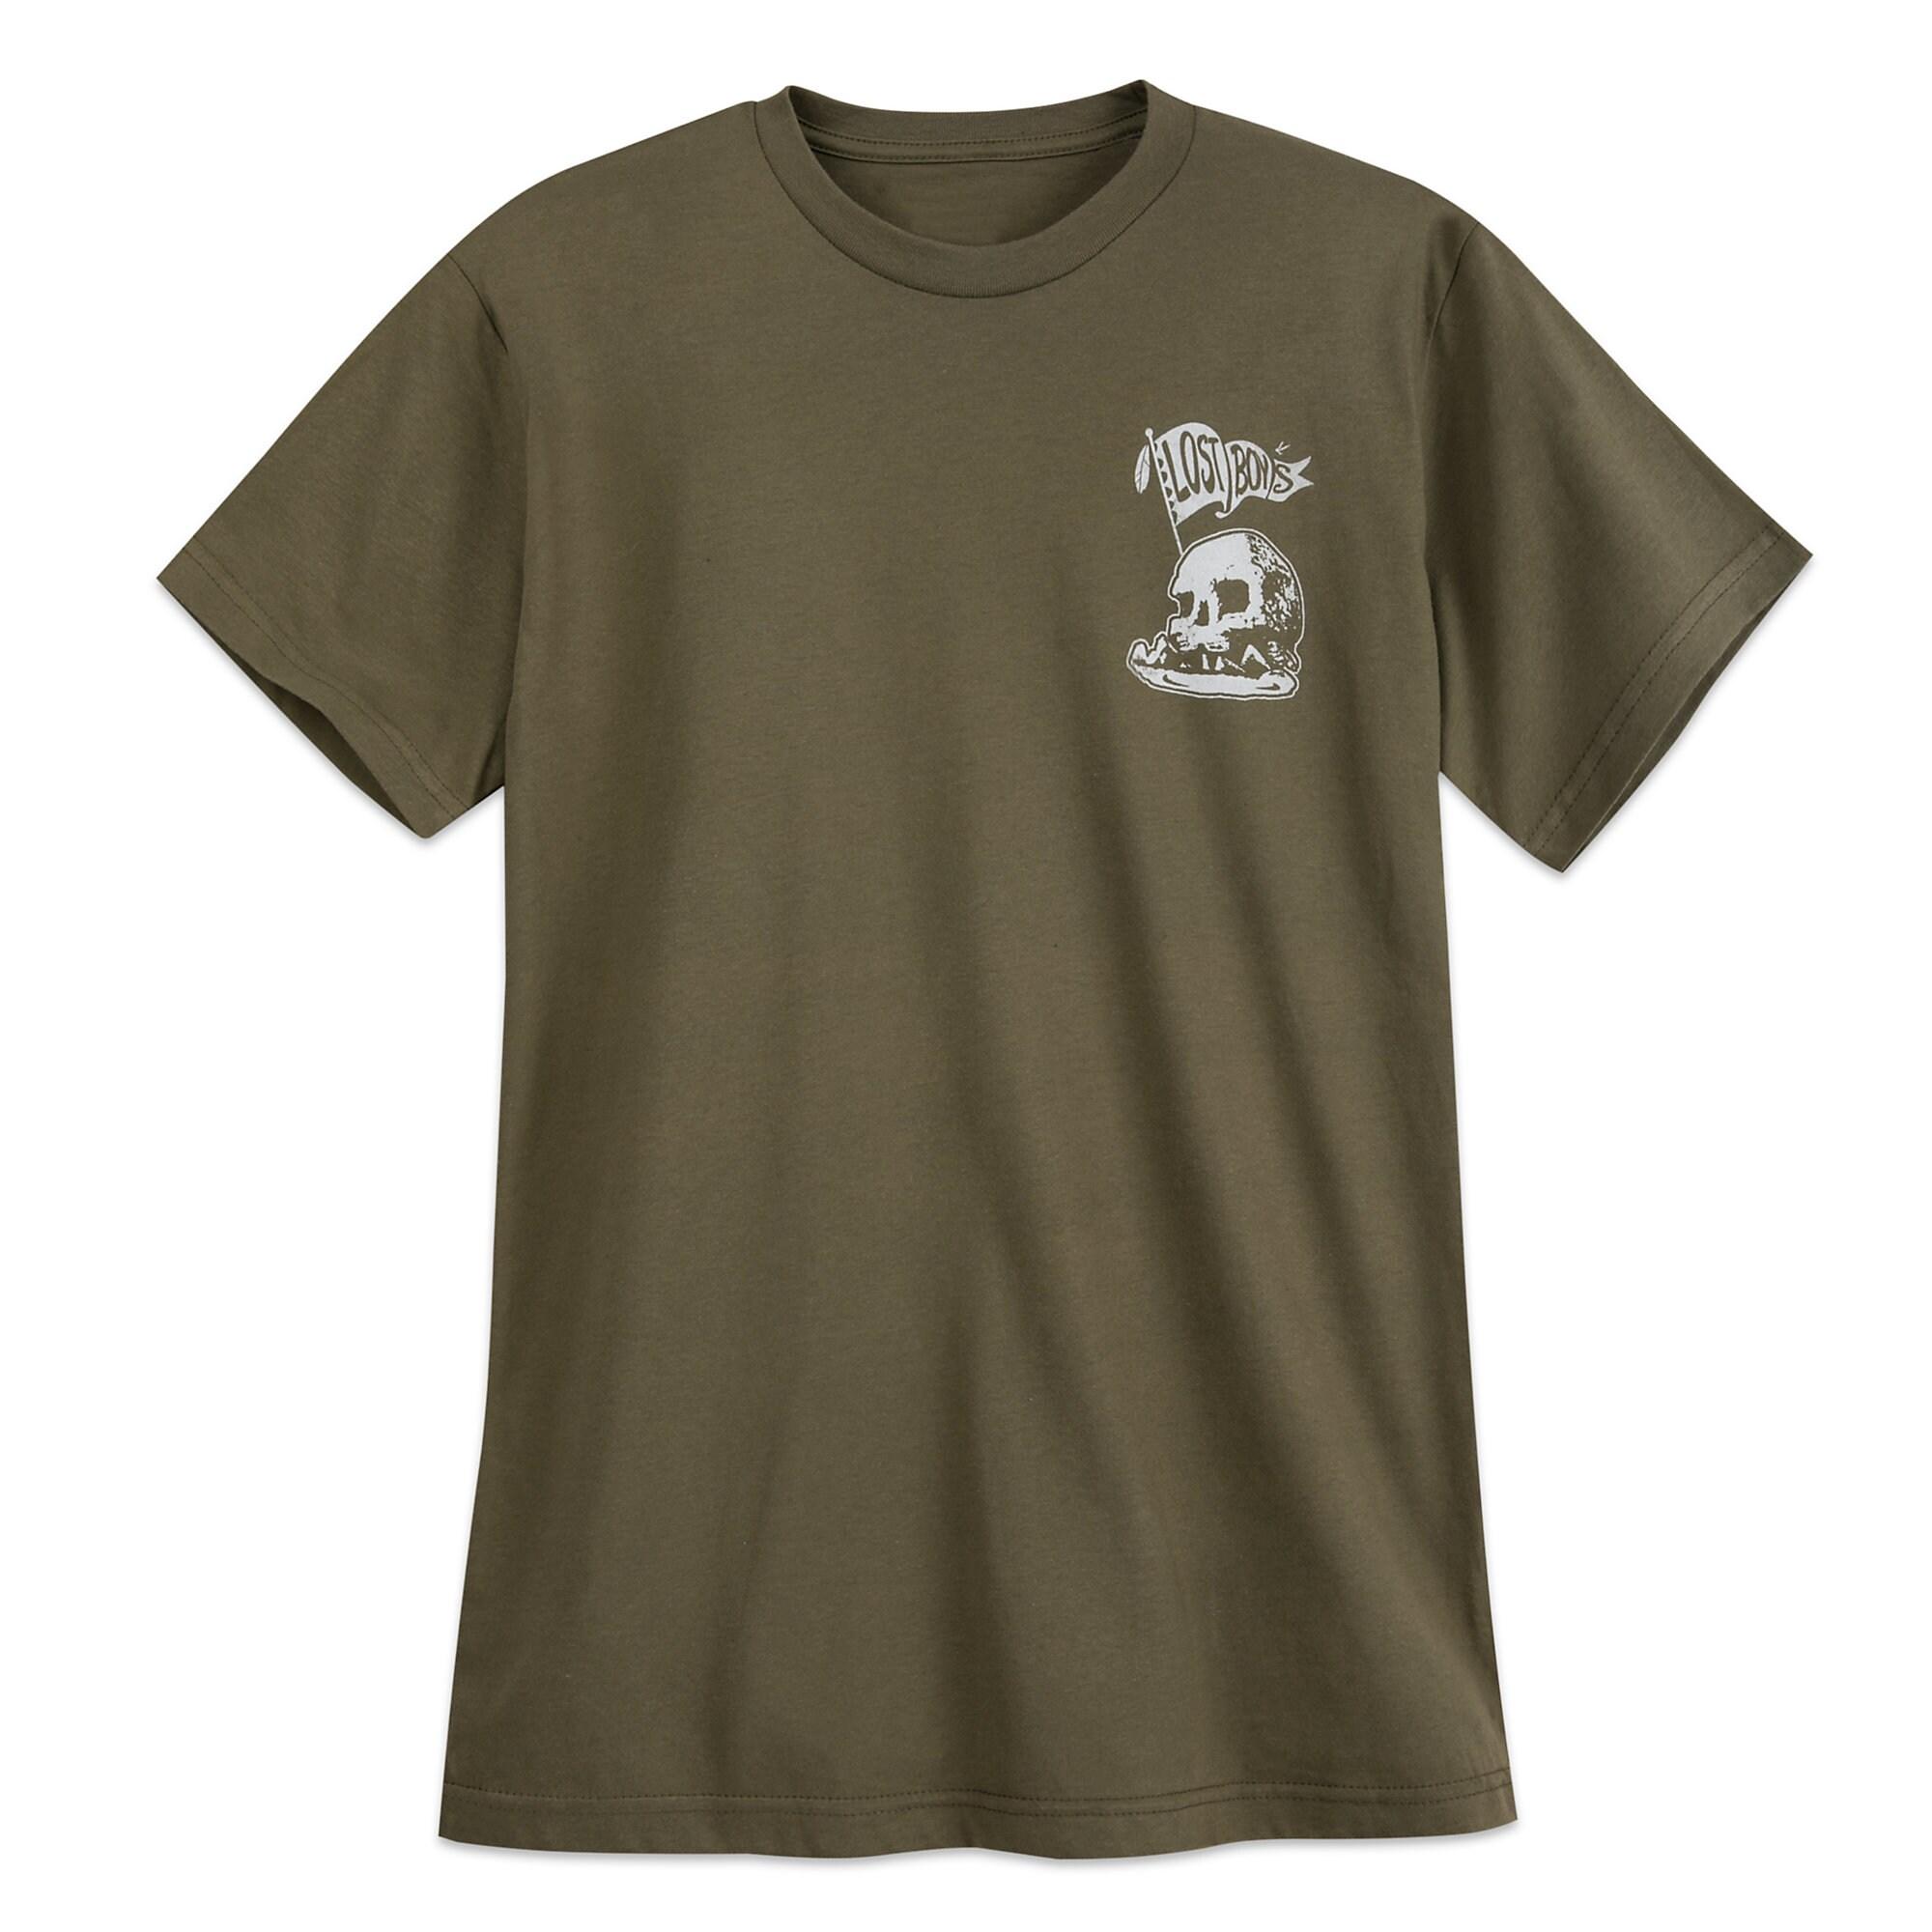 Lost Boys T-Shirt for Men - Peter Pan